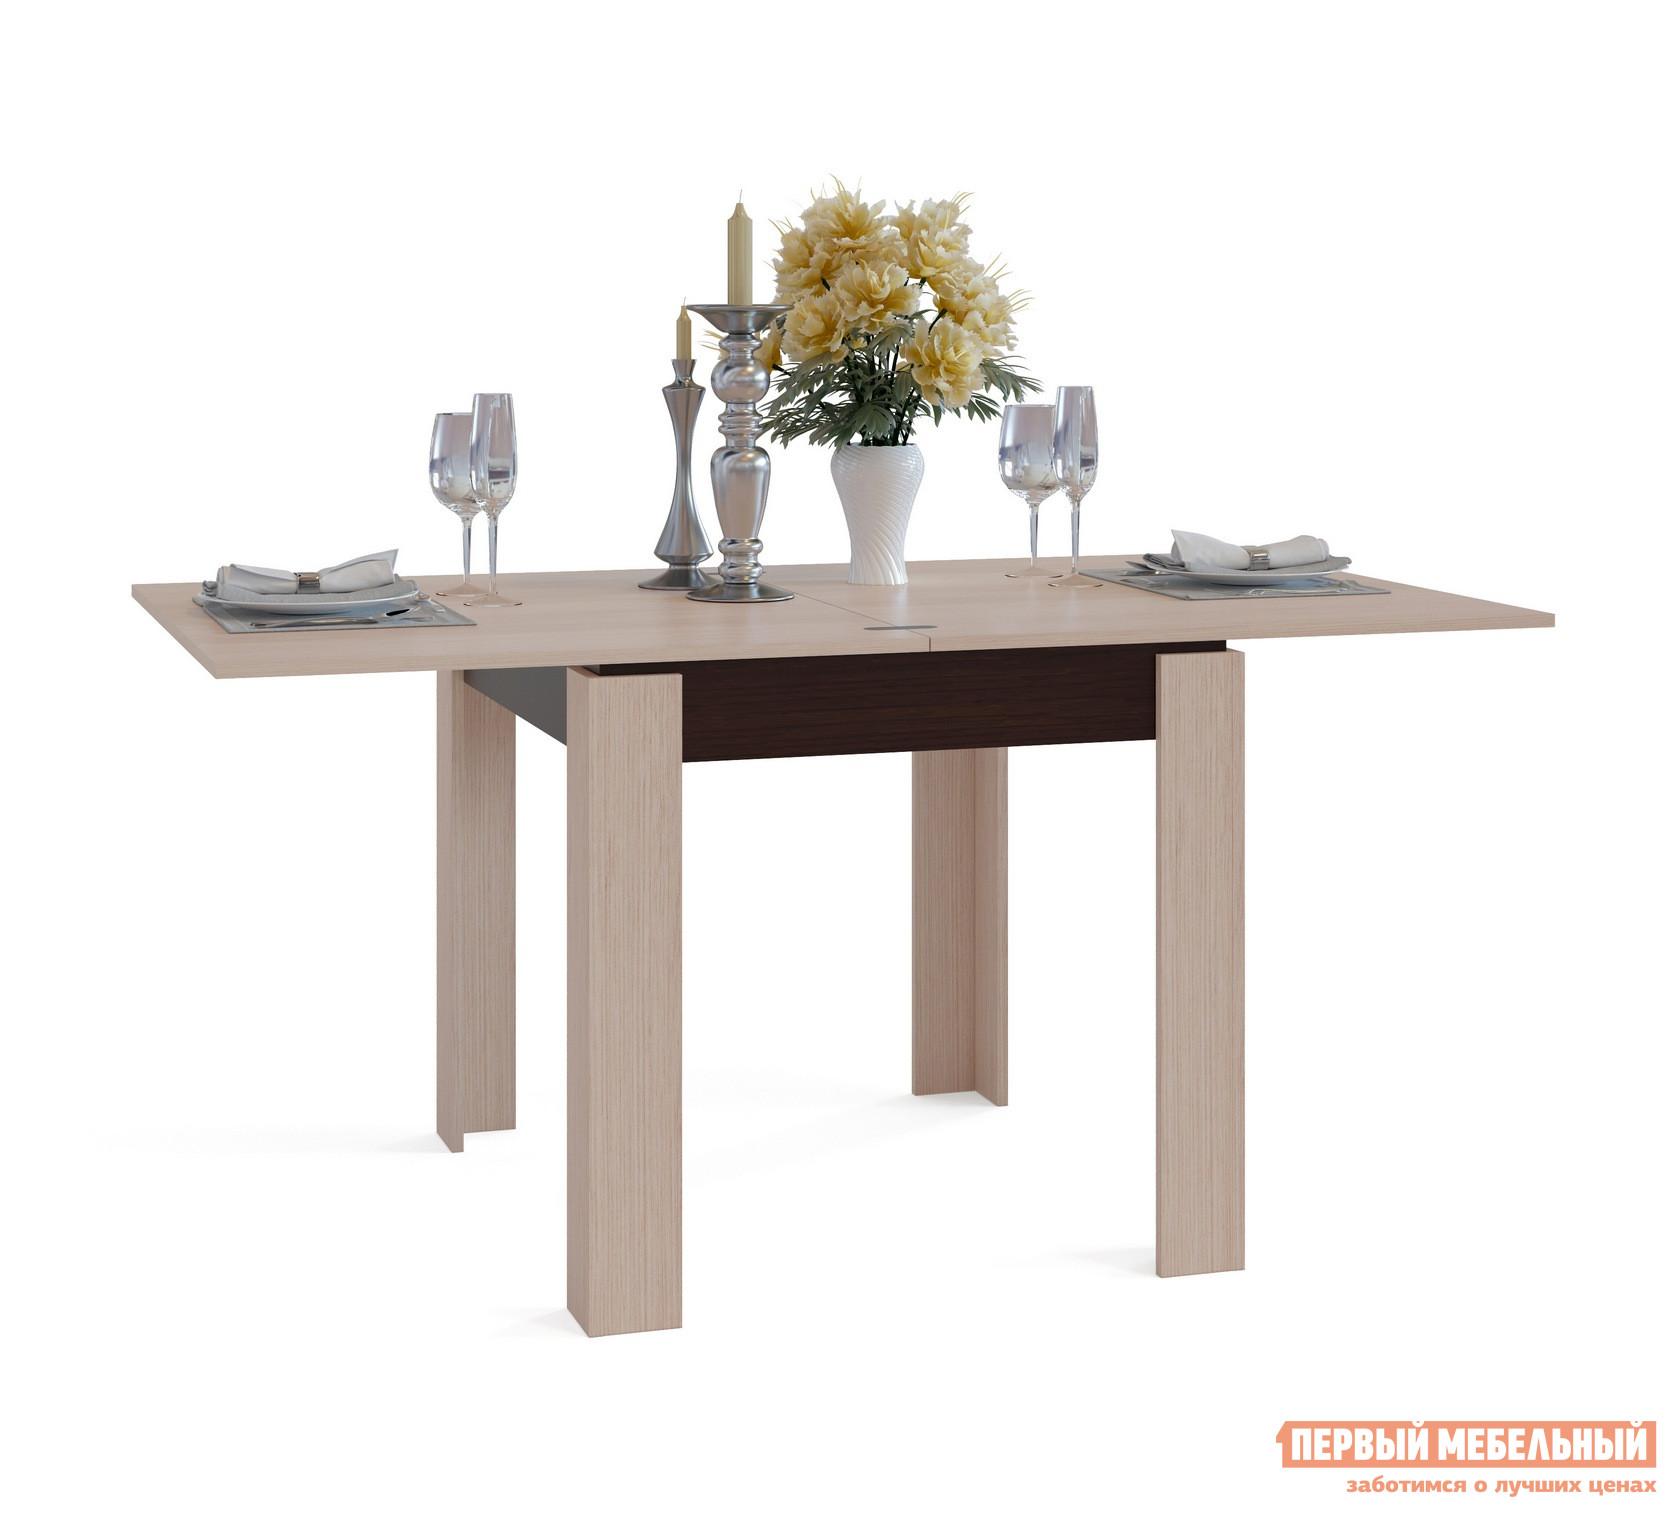 Кухонный стол Сокол СО-2 Подстолье Венге / Столешница, ножки Беленый дуб